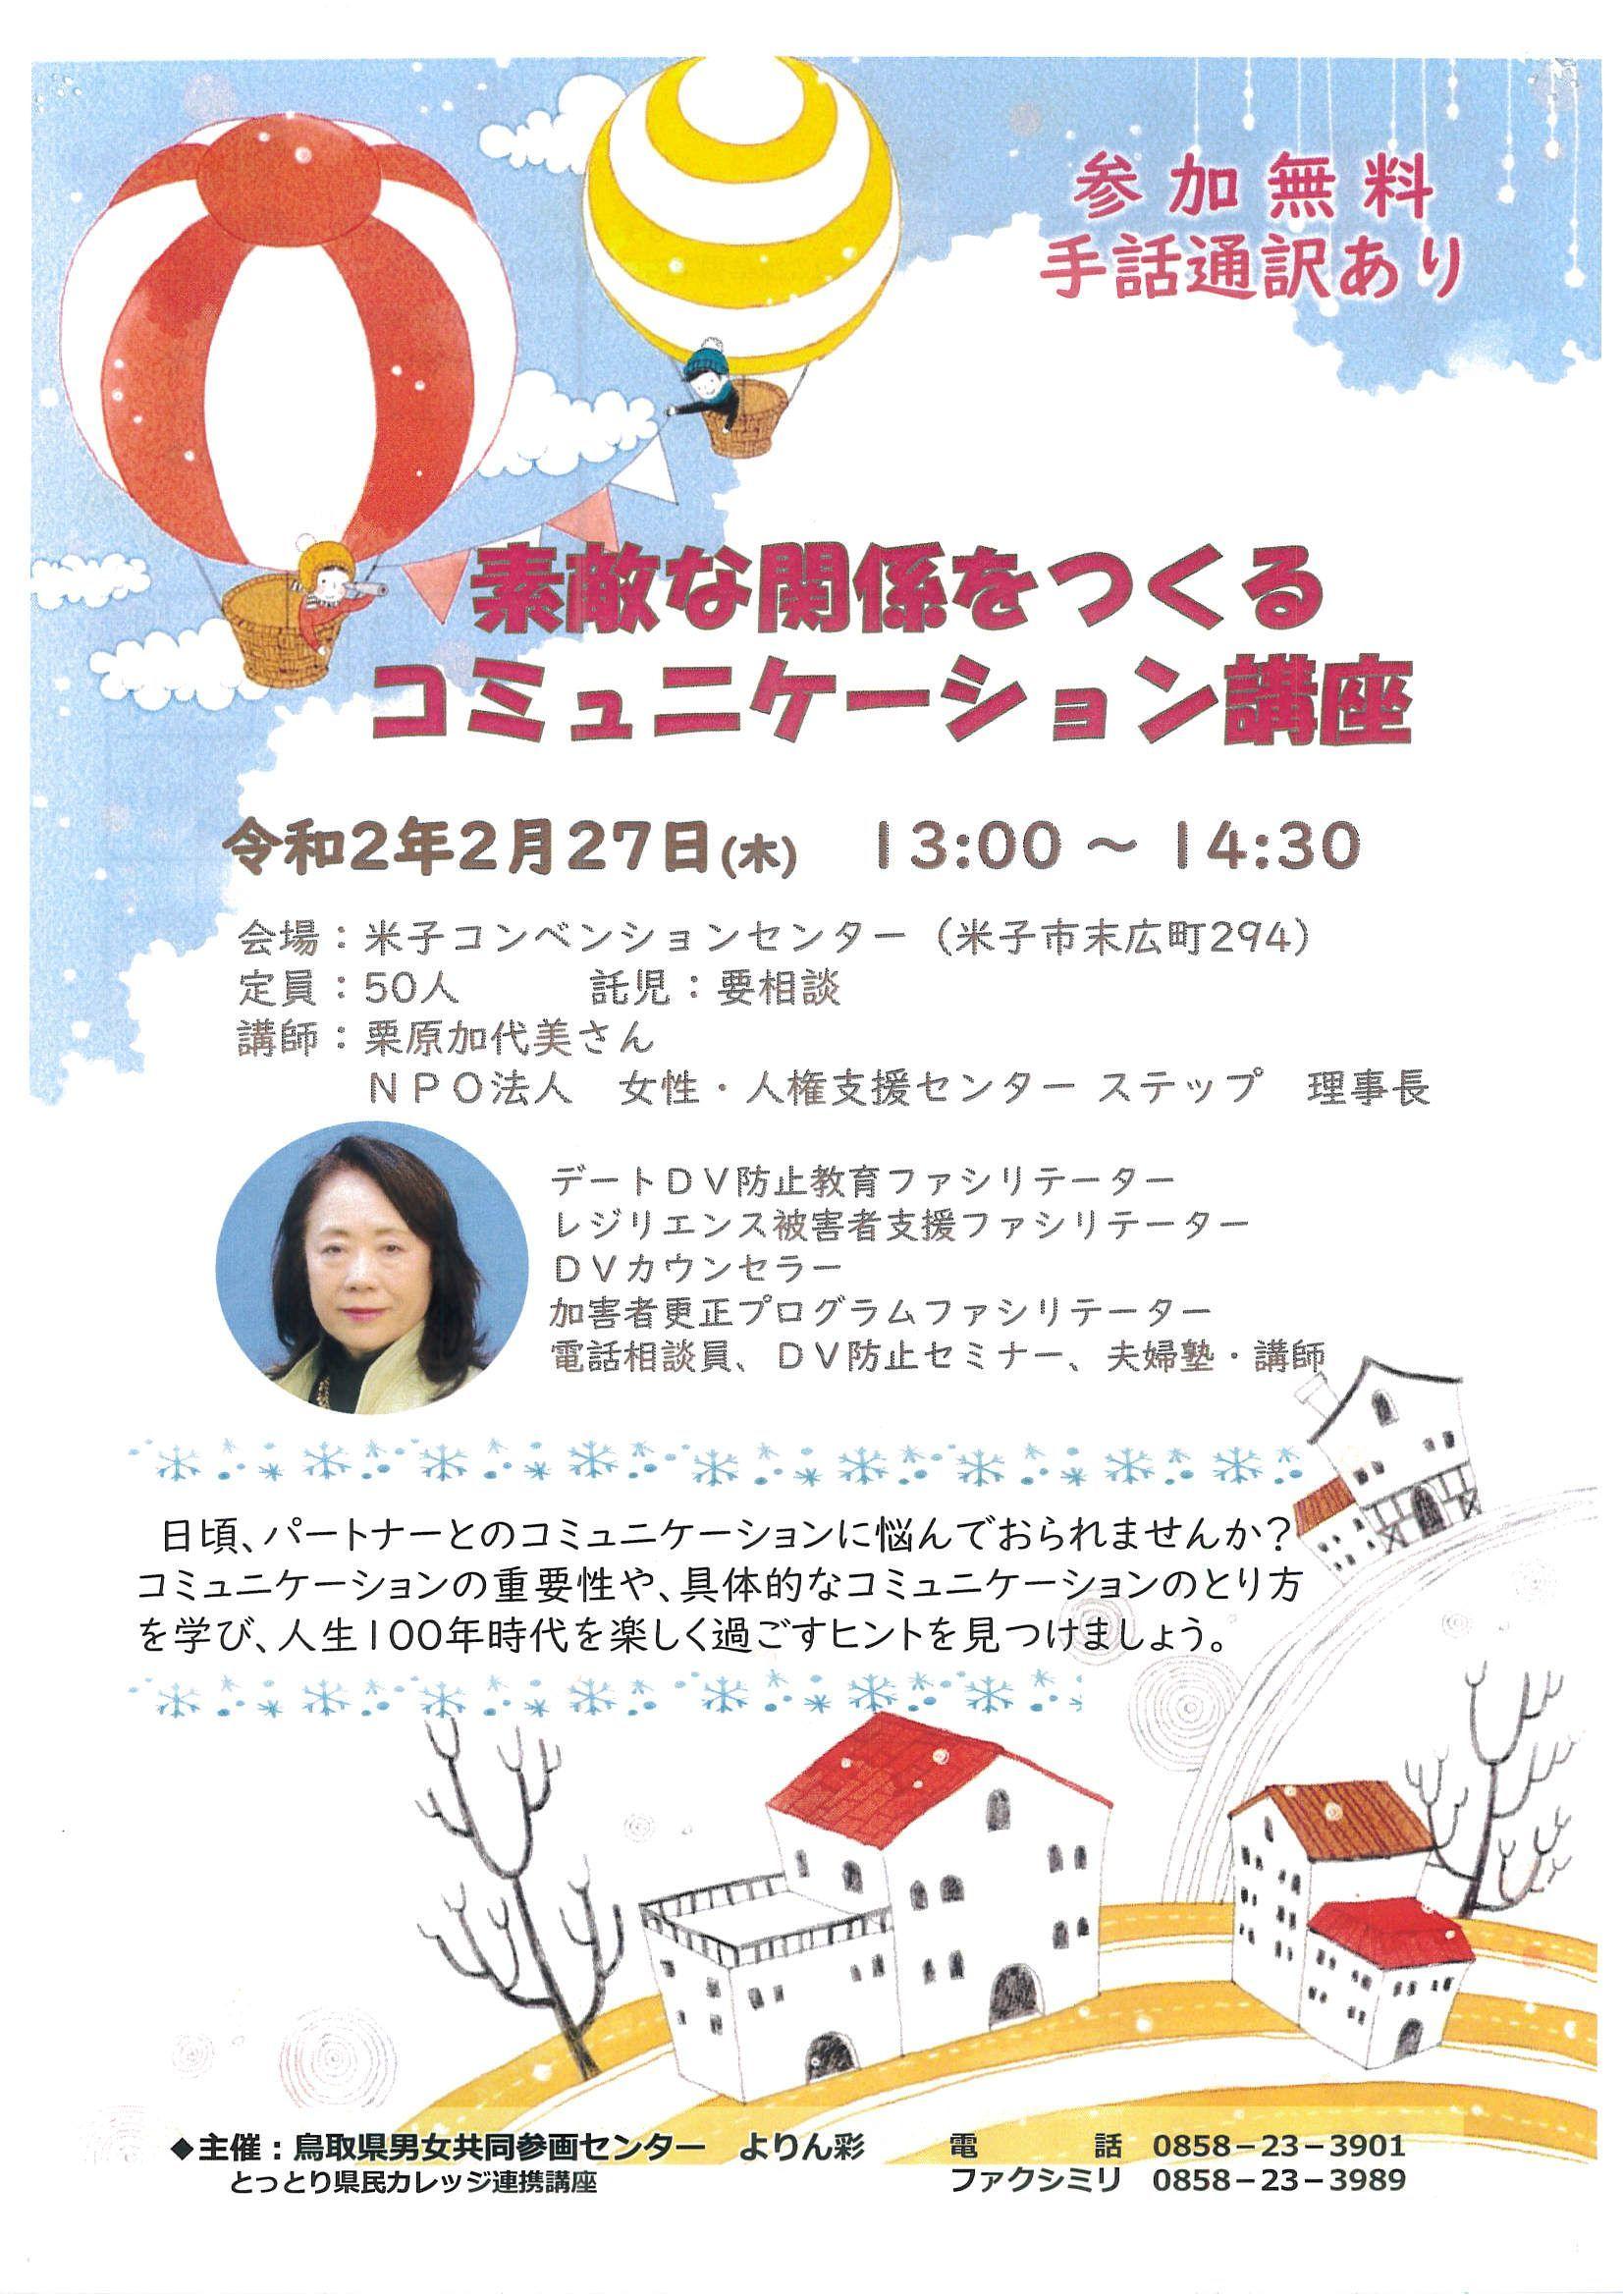 鳥取・米子で「素敵な関係をつくる」講座開催_b0154492_13185377.jpg